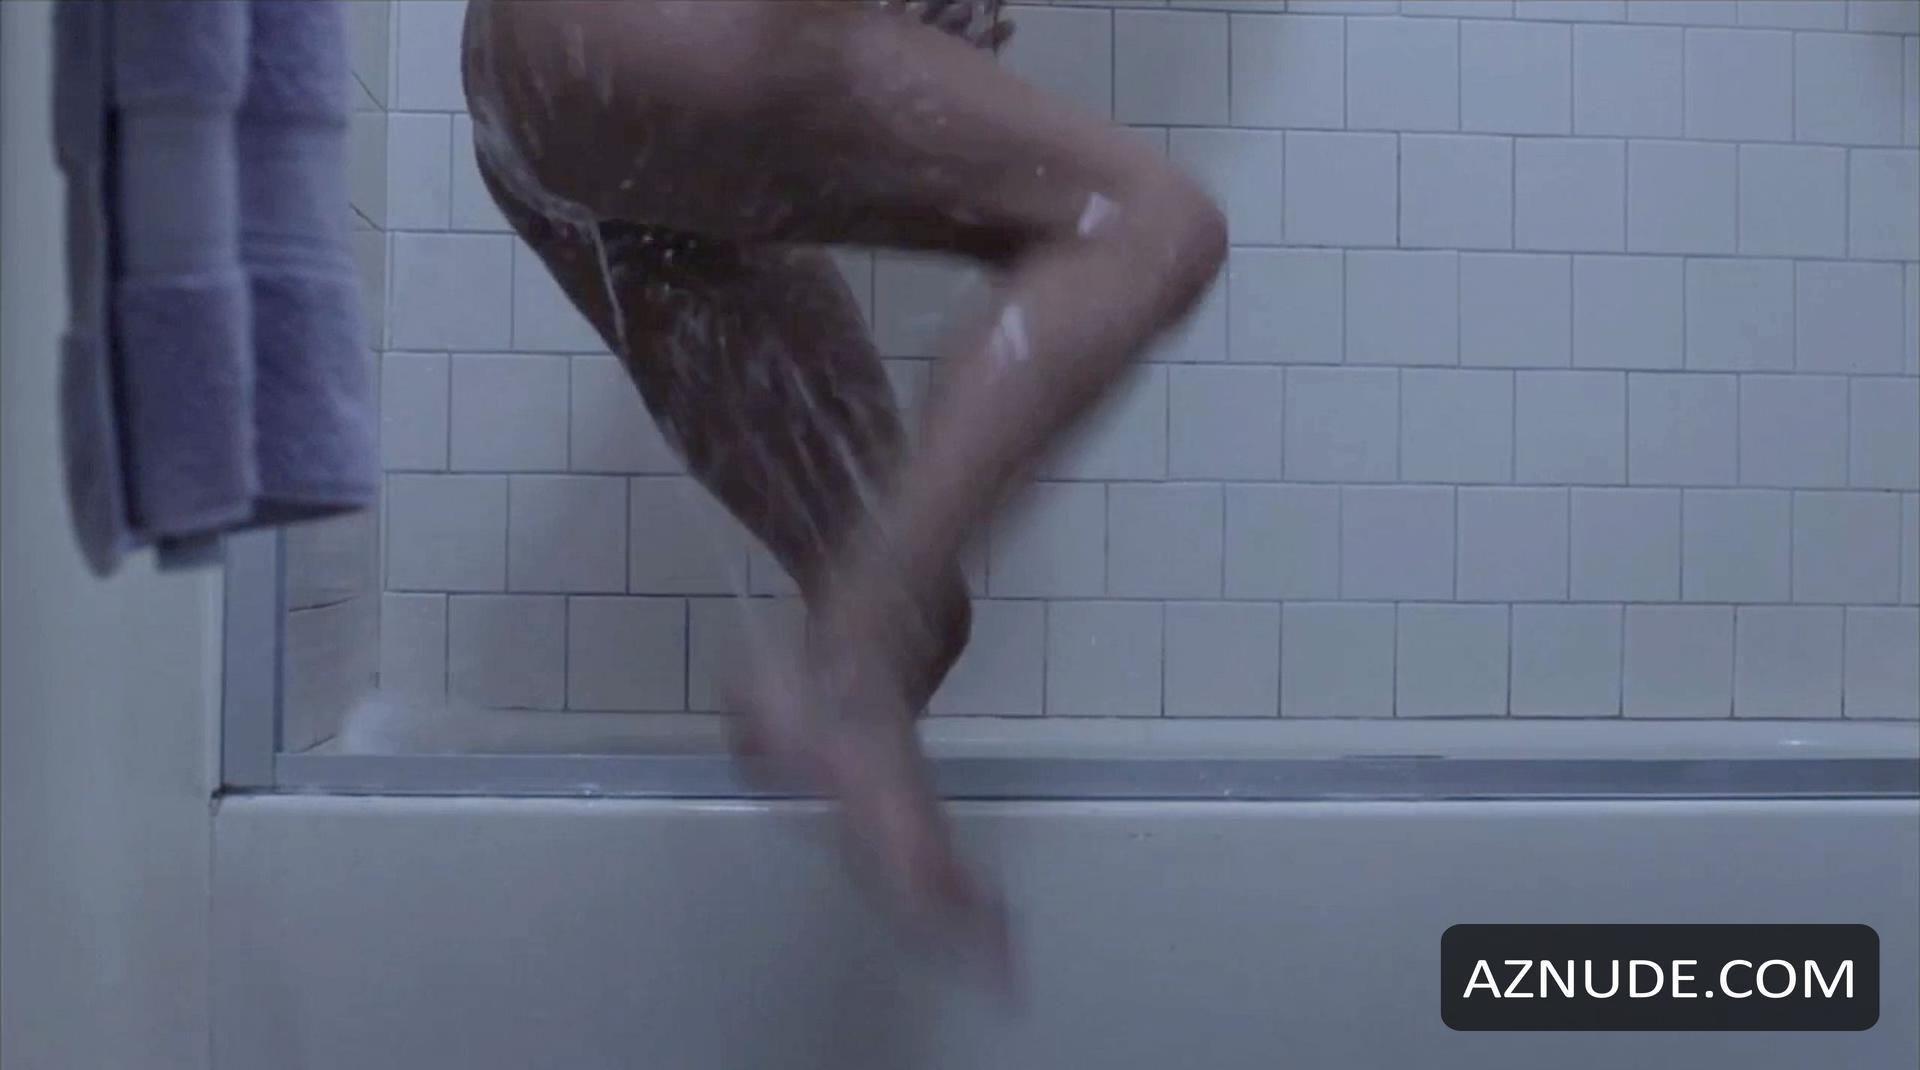 Andrea ciliberti nude